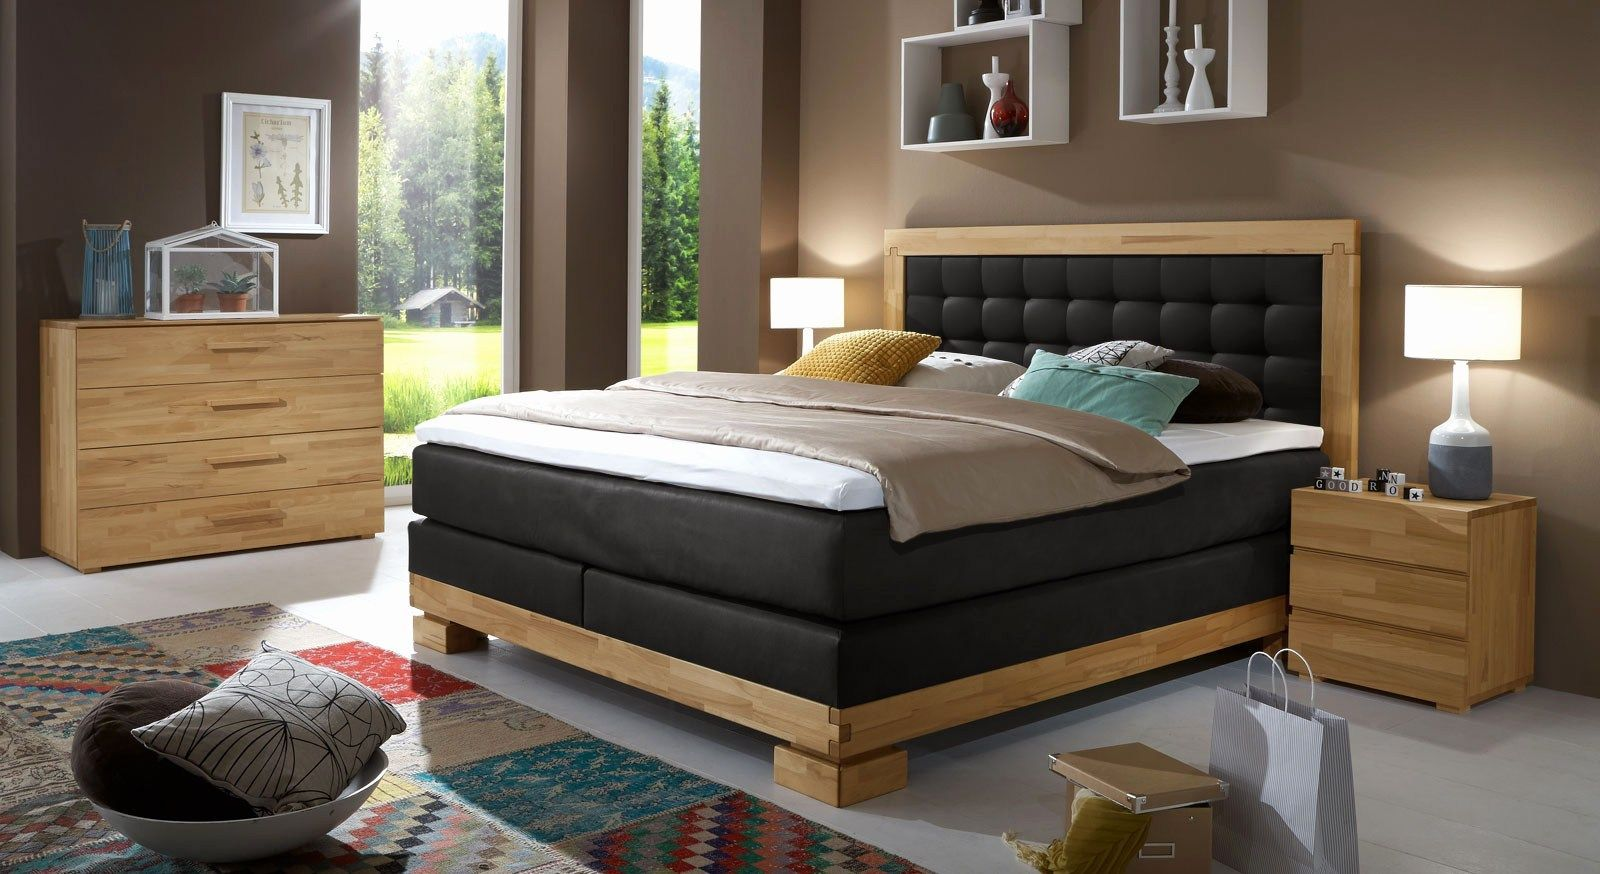 Schlafzimmer Mit Boxspringbett Einrichten | Komplettes ...